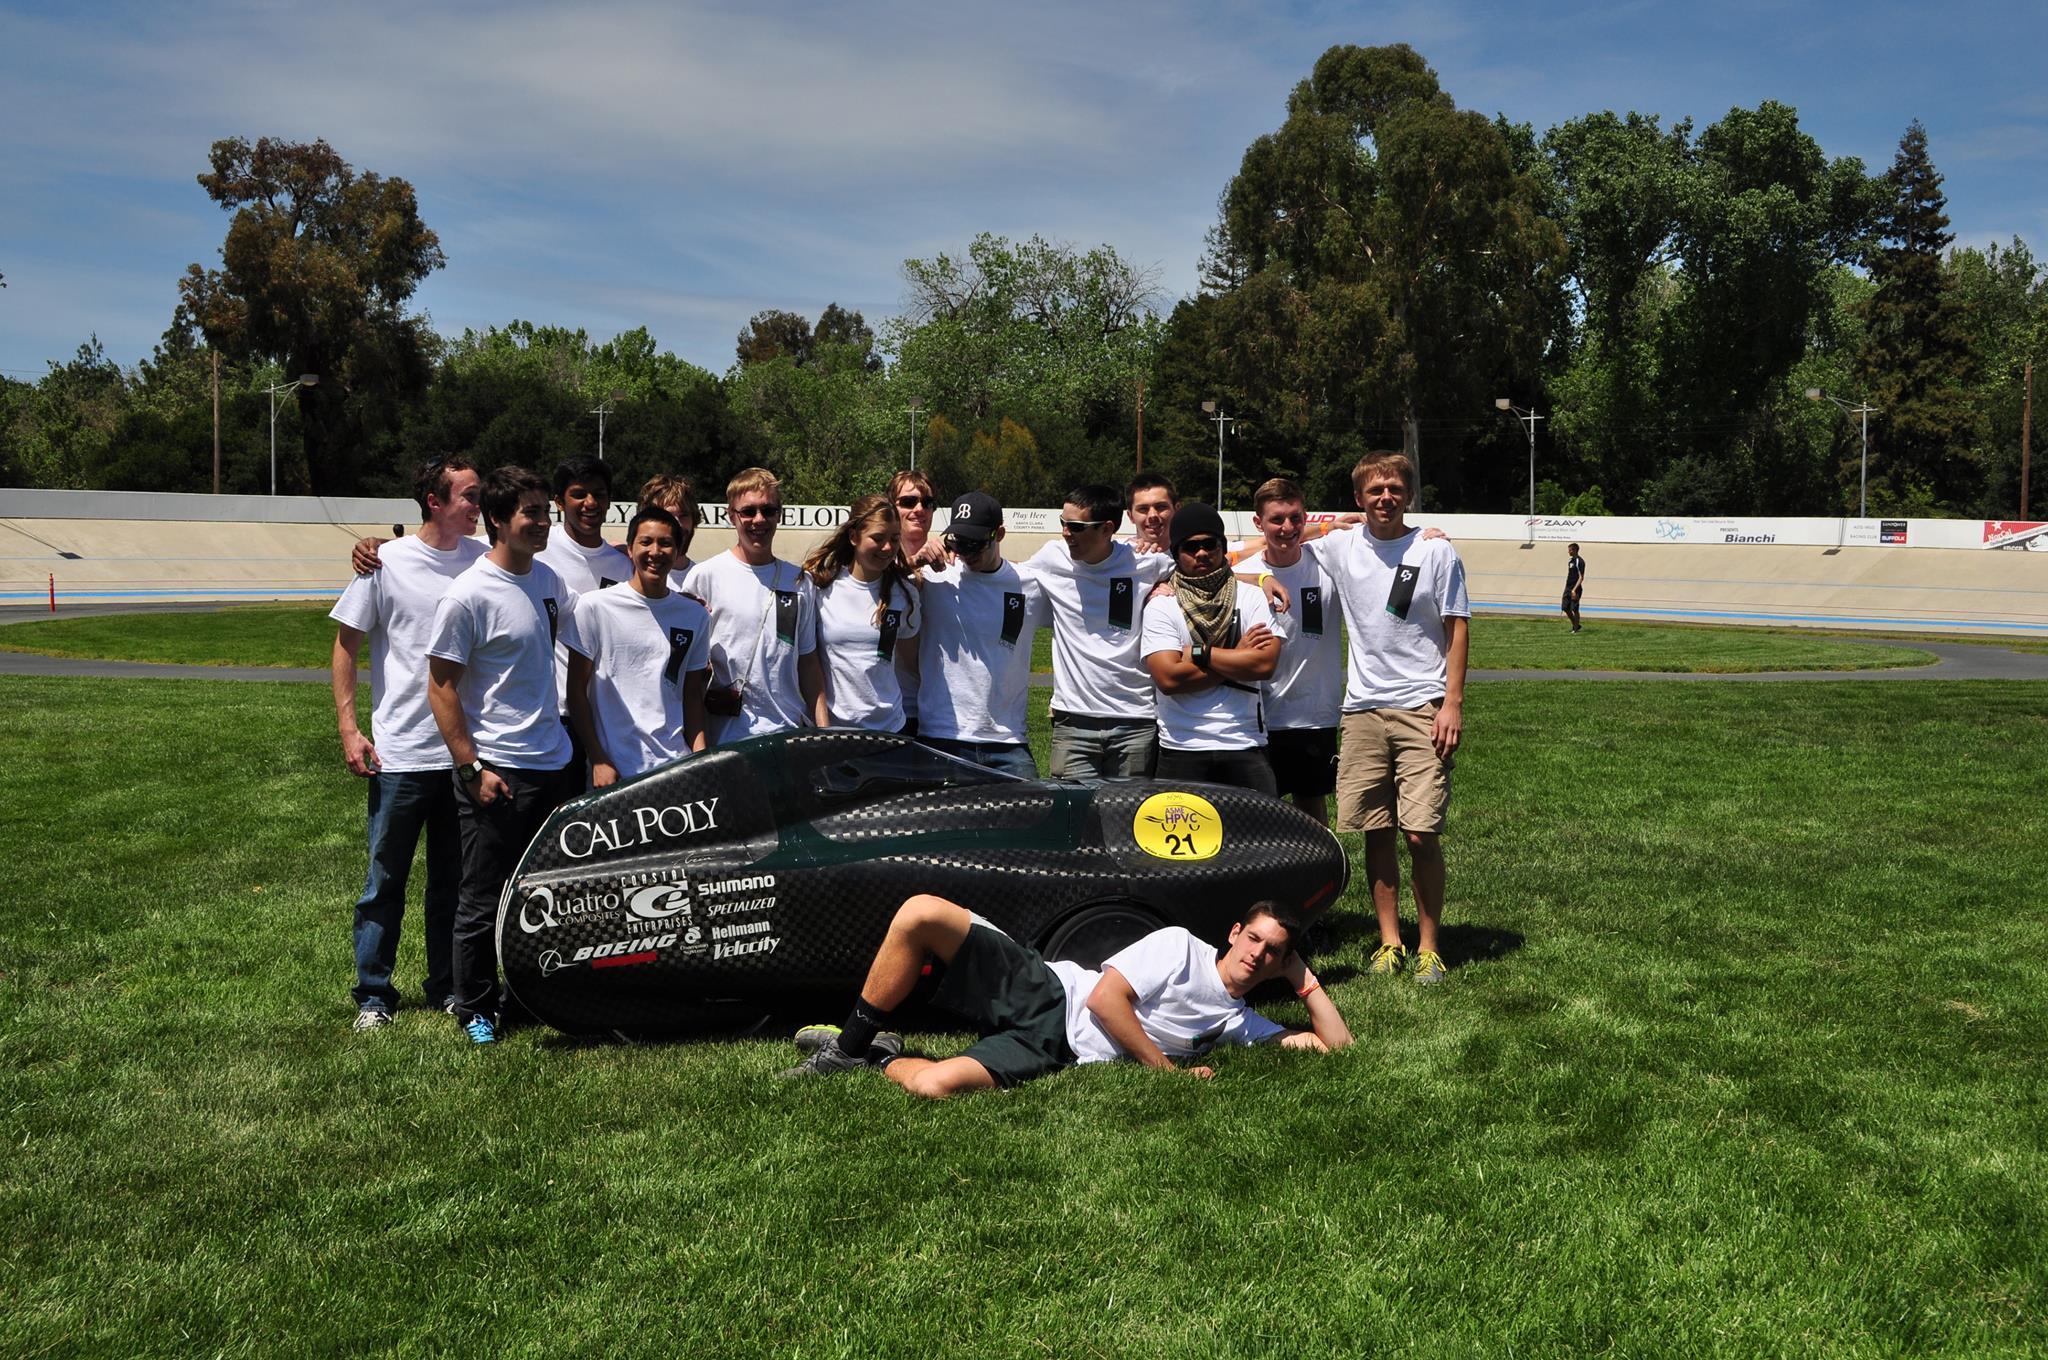 2014 team and bike.jpg